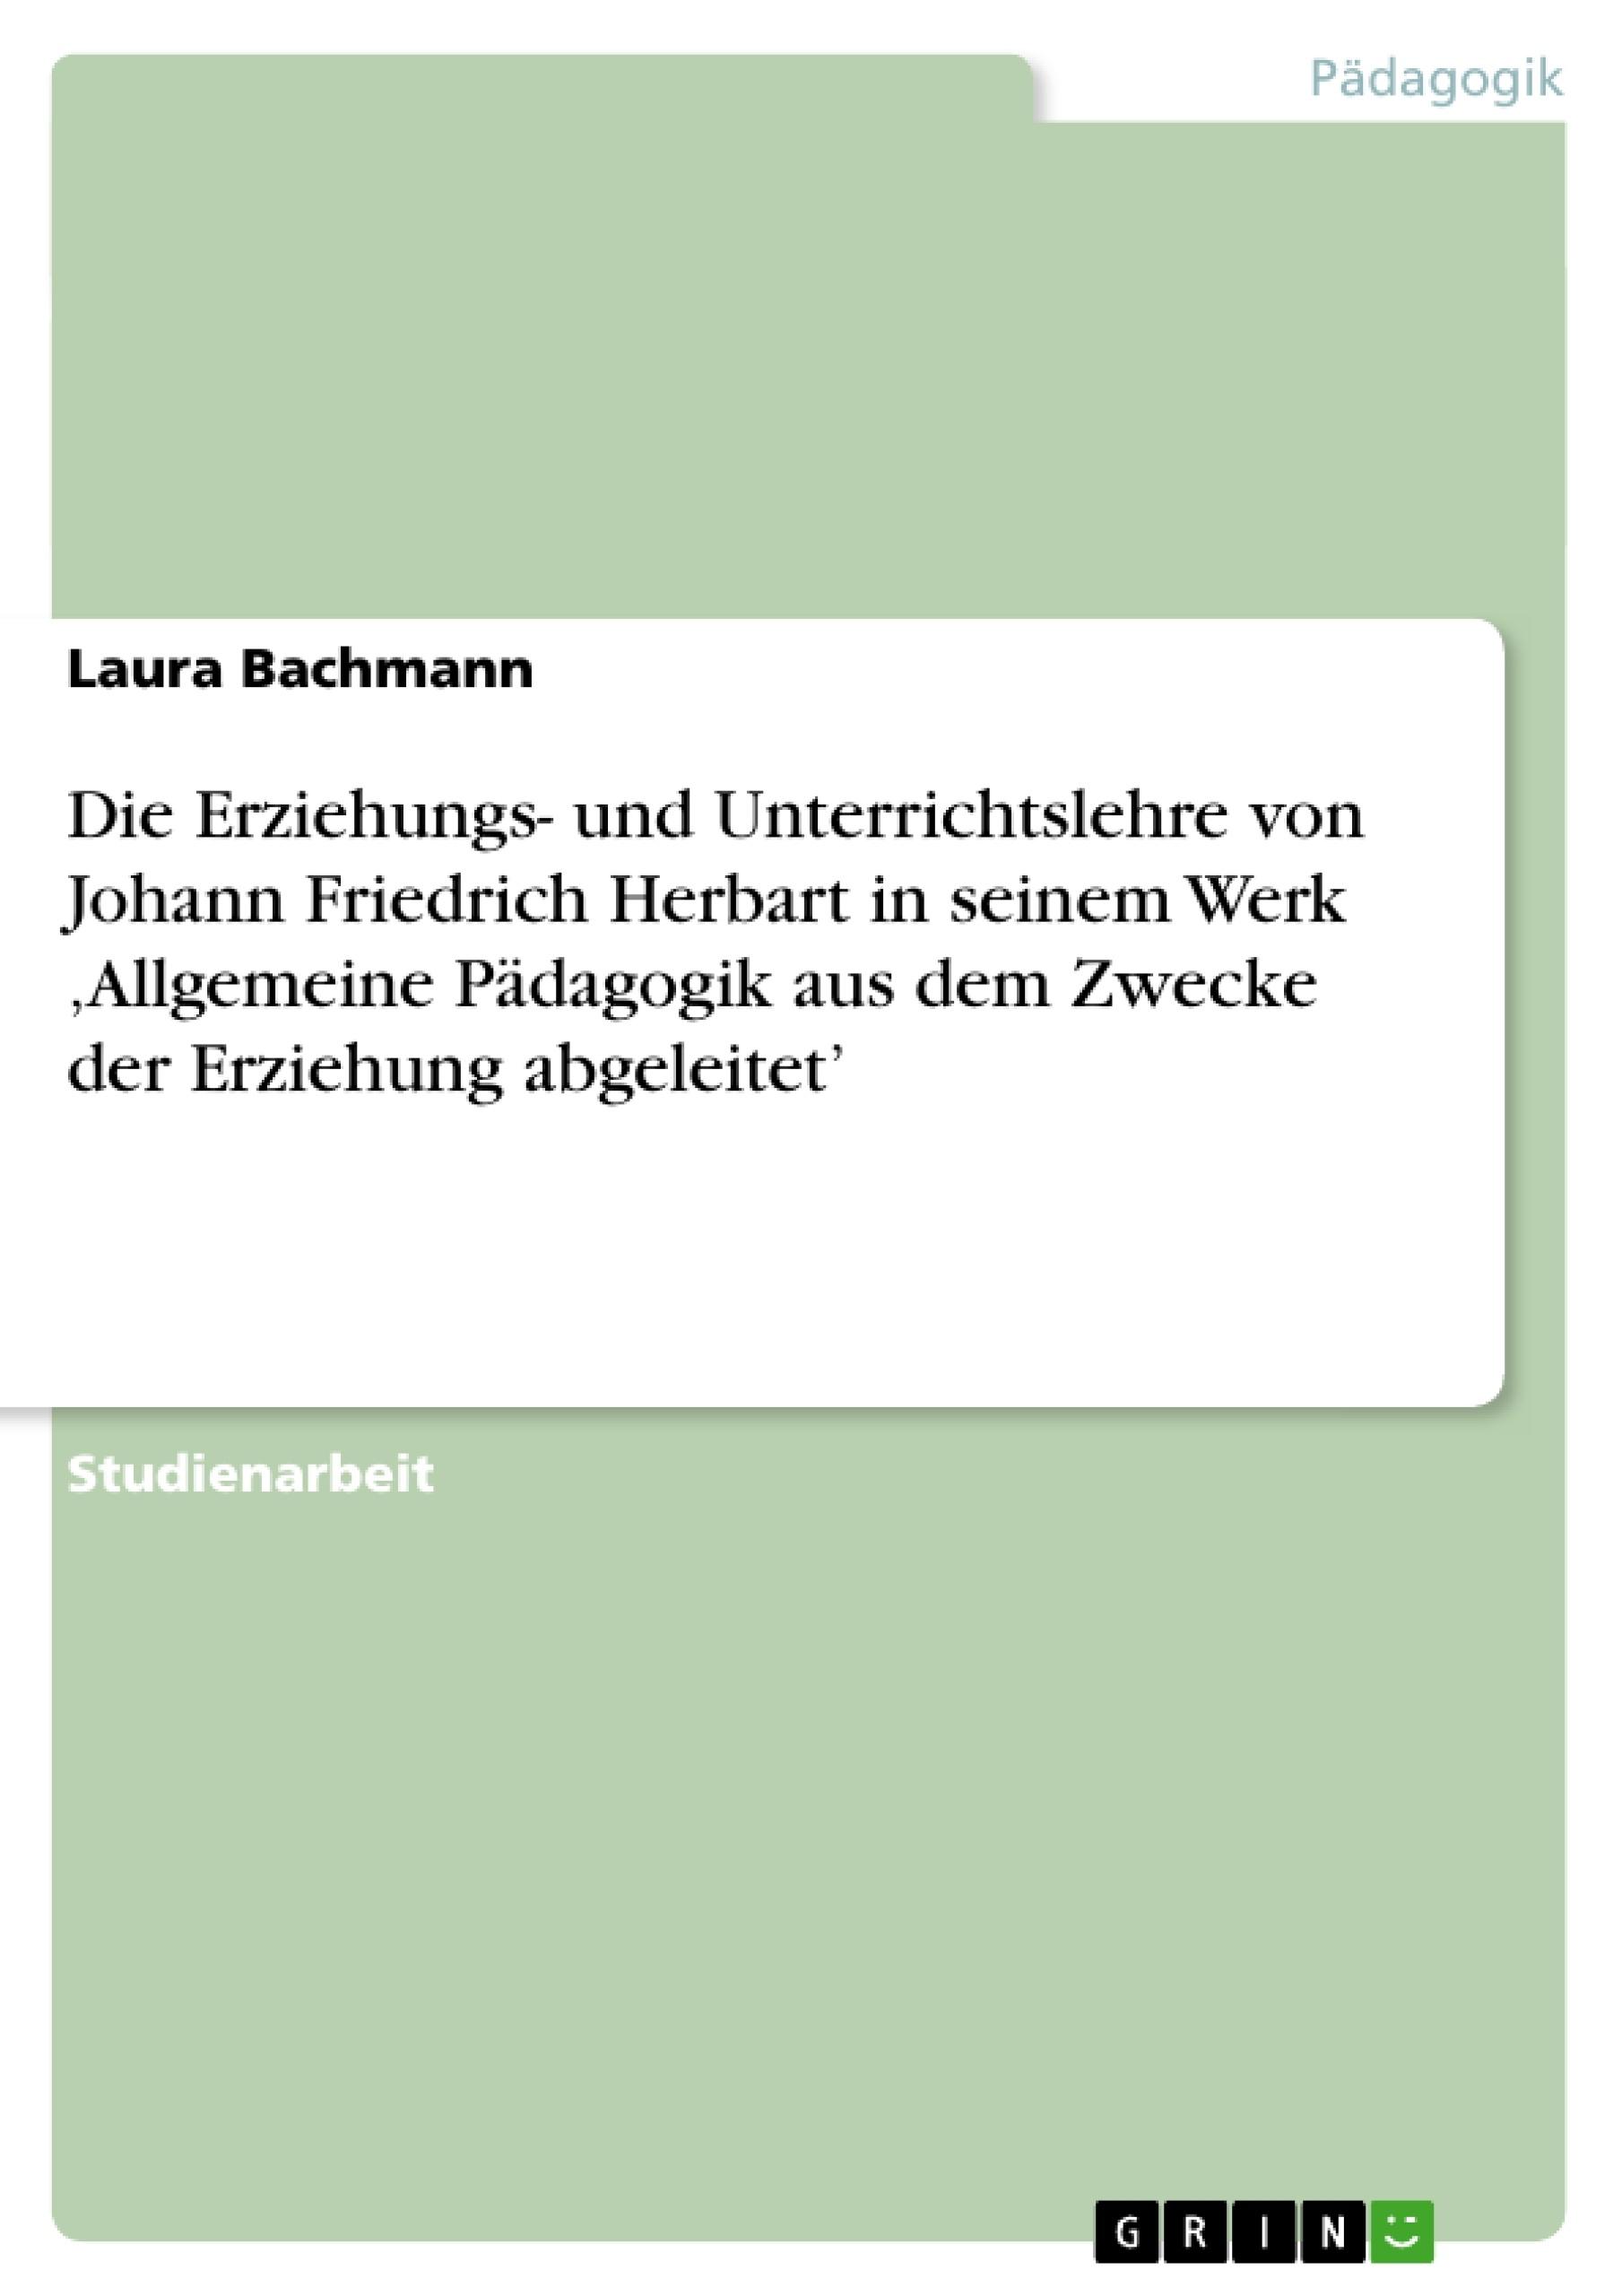 Titel: Die Erziehungs- und Unterrichtslehre von Johann Friedrich Herbart in seinem Werk 'Allgemeine Pädagogik aus dem Zwecke der Erziehung abgeleitet'